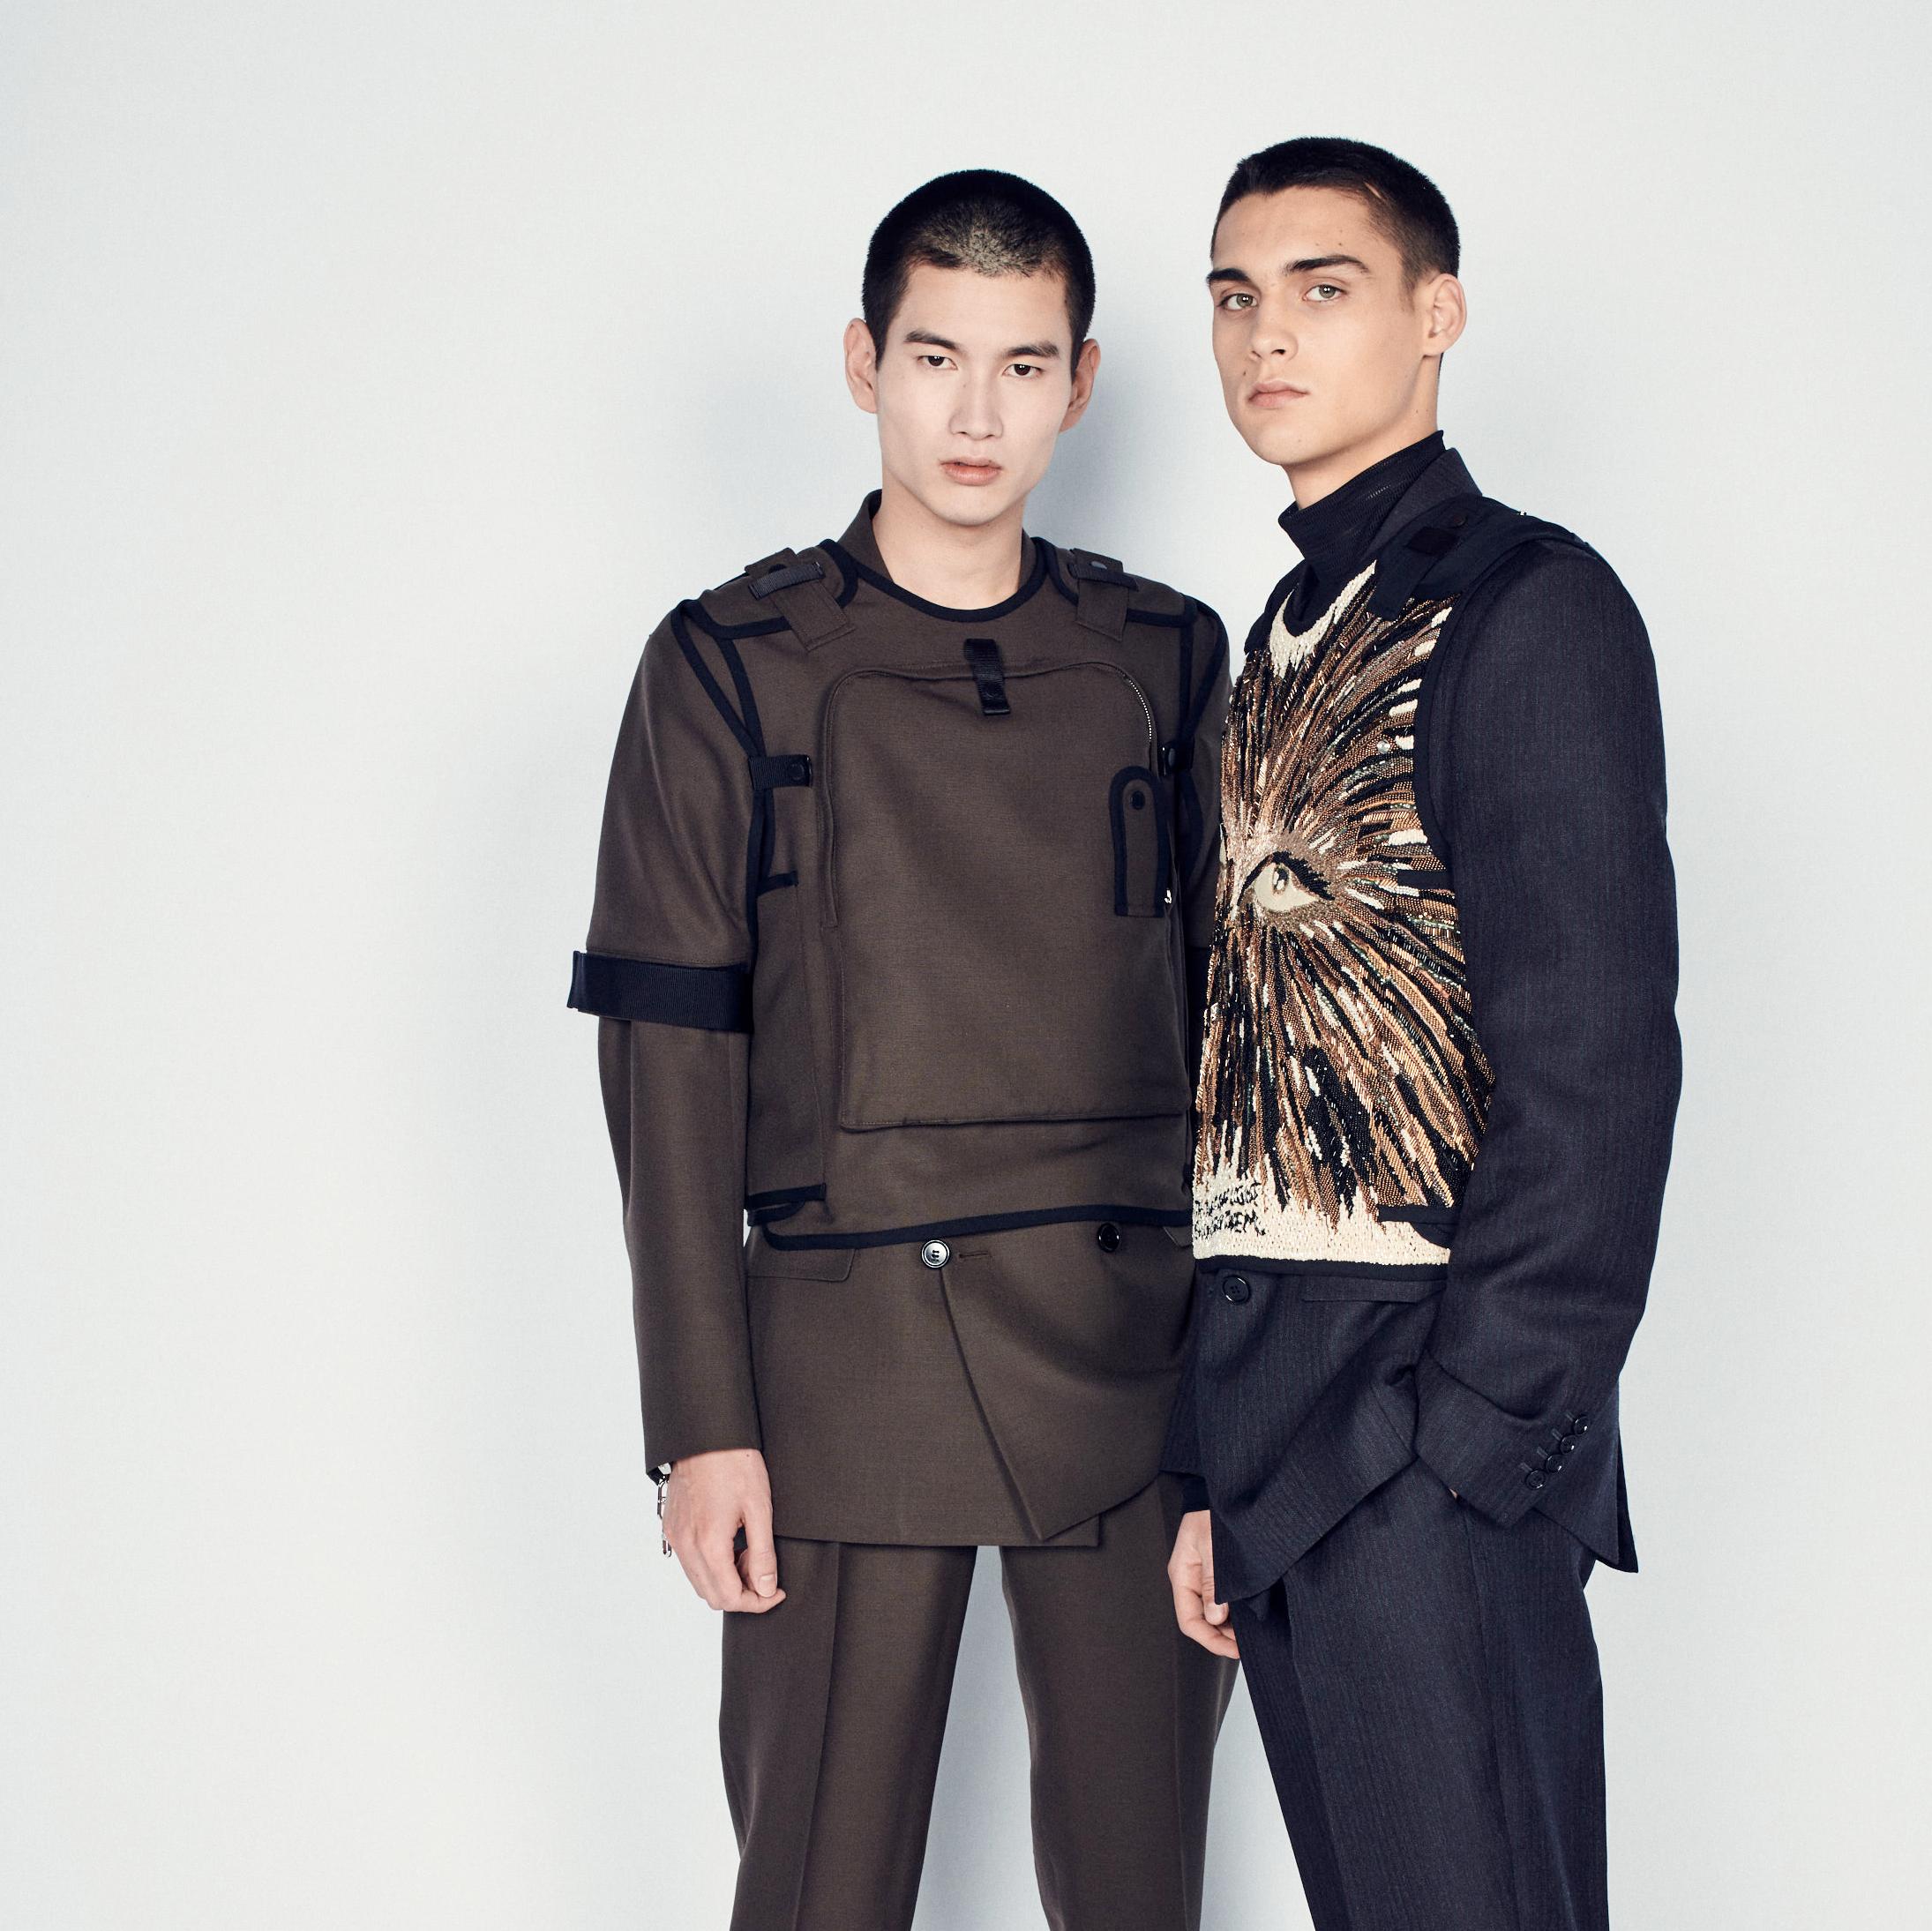 經典輪廓,當代意象─DIOR MEN 2019 冬季時裝系列